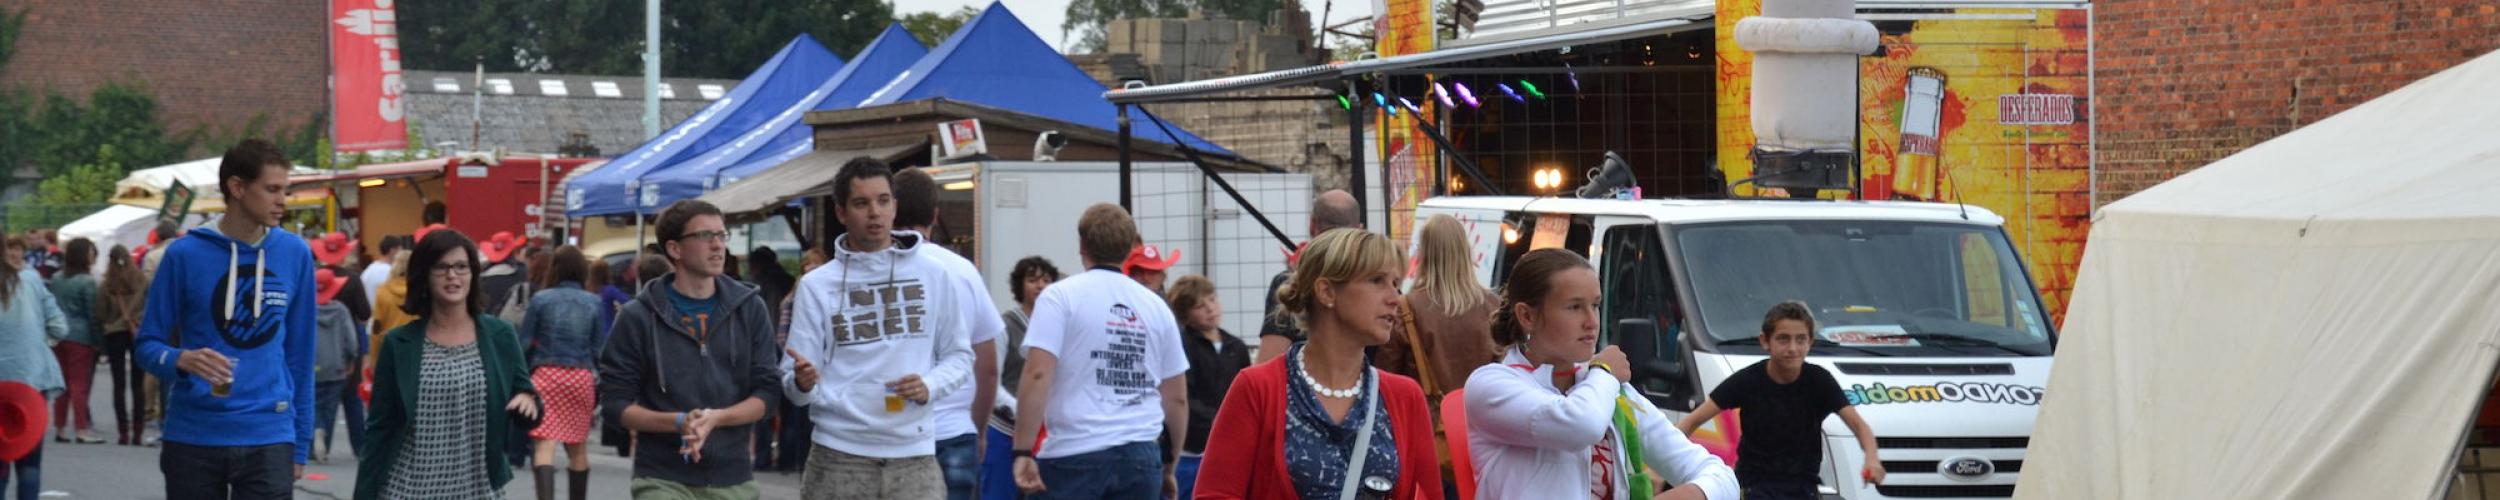 Op het festivalterrein